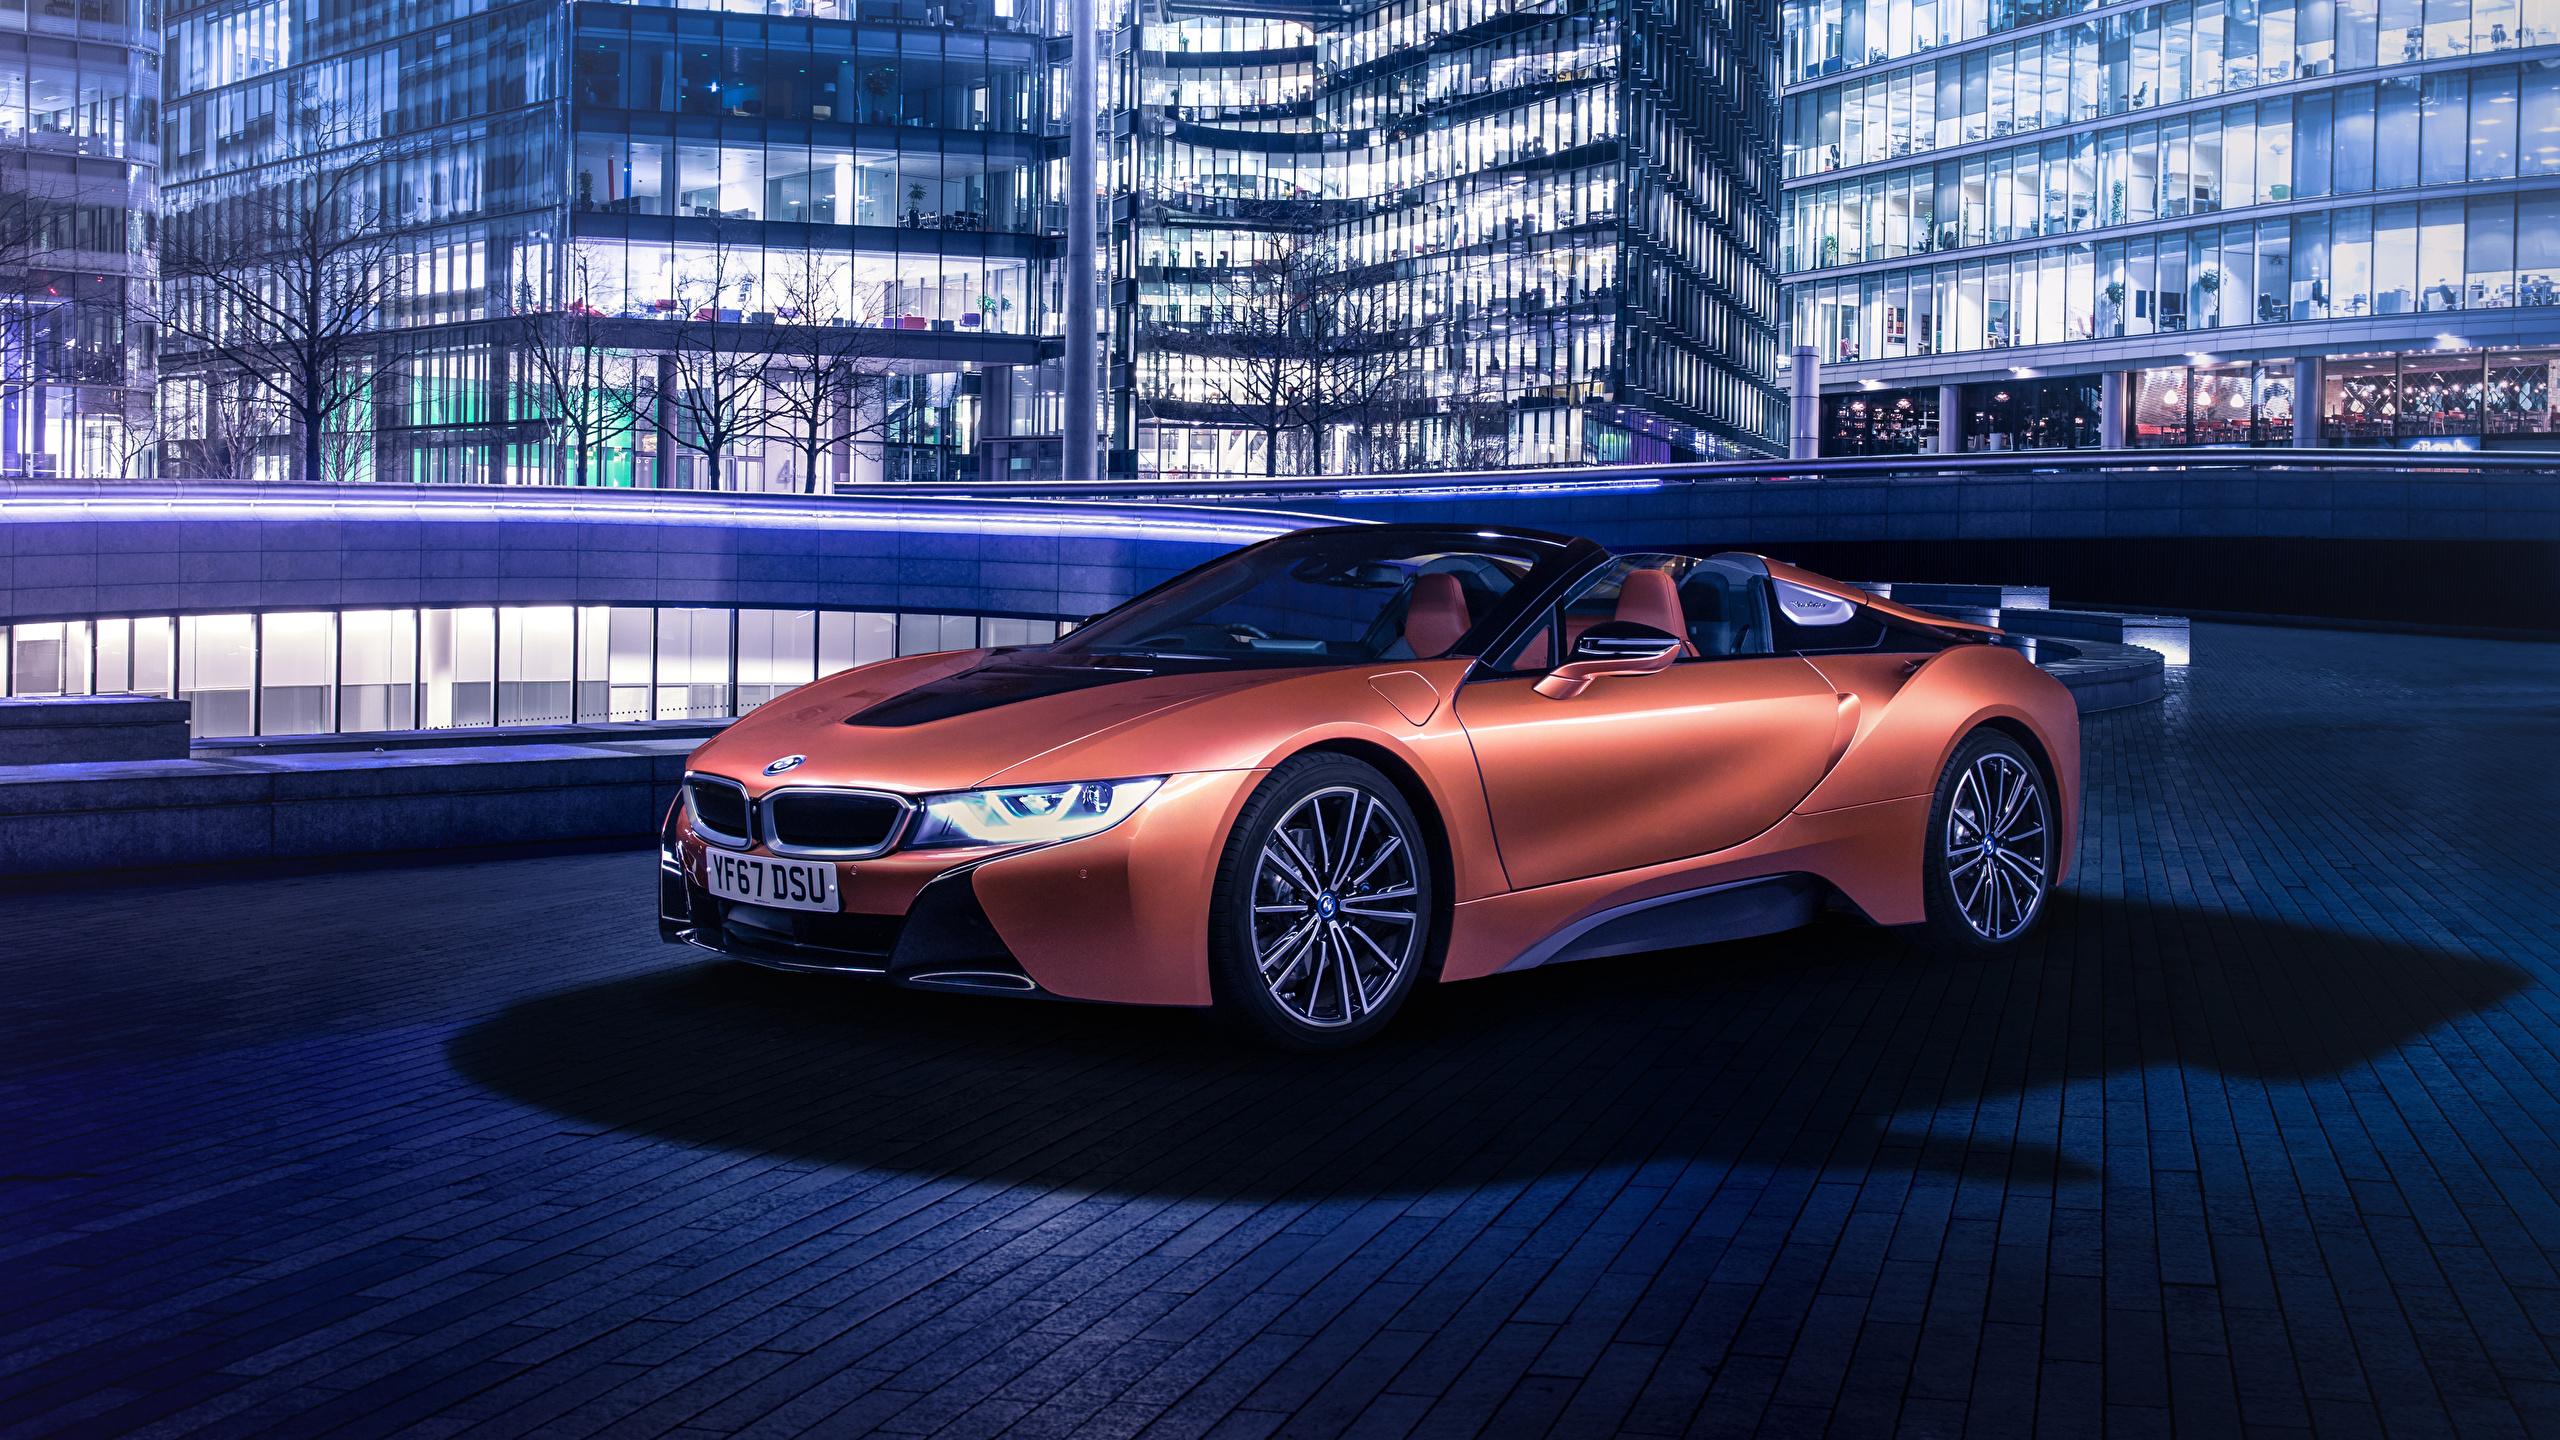 Обои BMW 2018 i8 Roadster Родстер оранжевые автомобиль 2560x1440 БМВ оранжевых Оранжевый оранжевая авто машина машины Автомобили